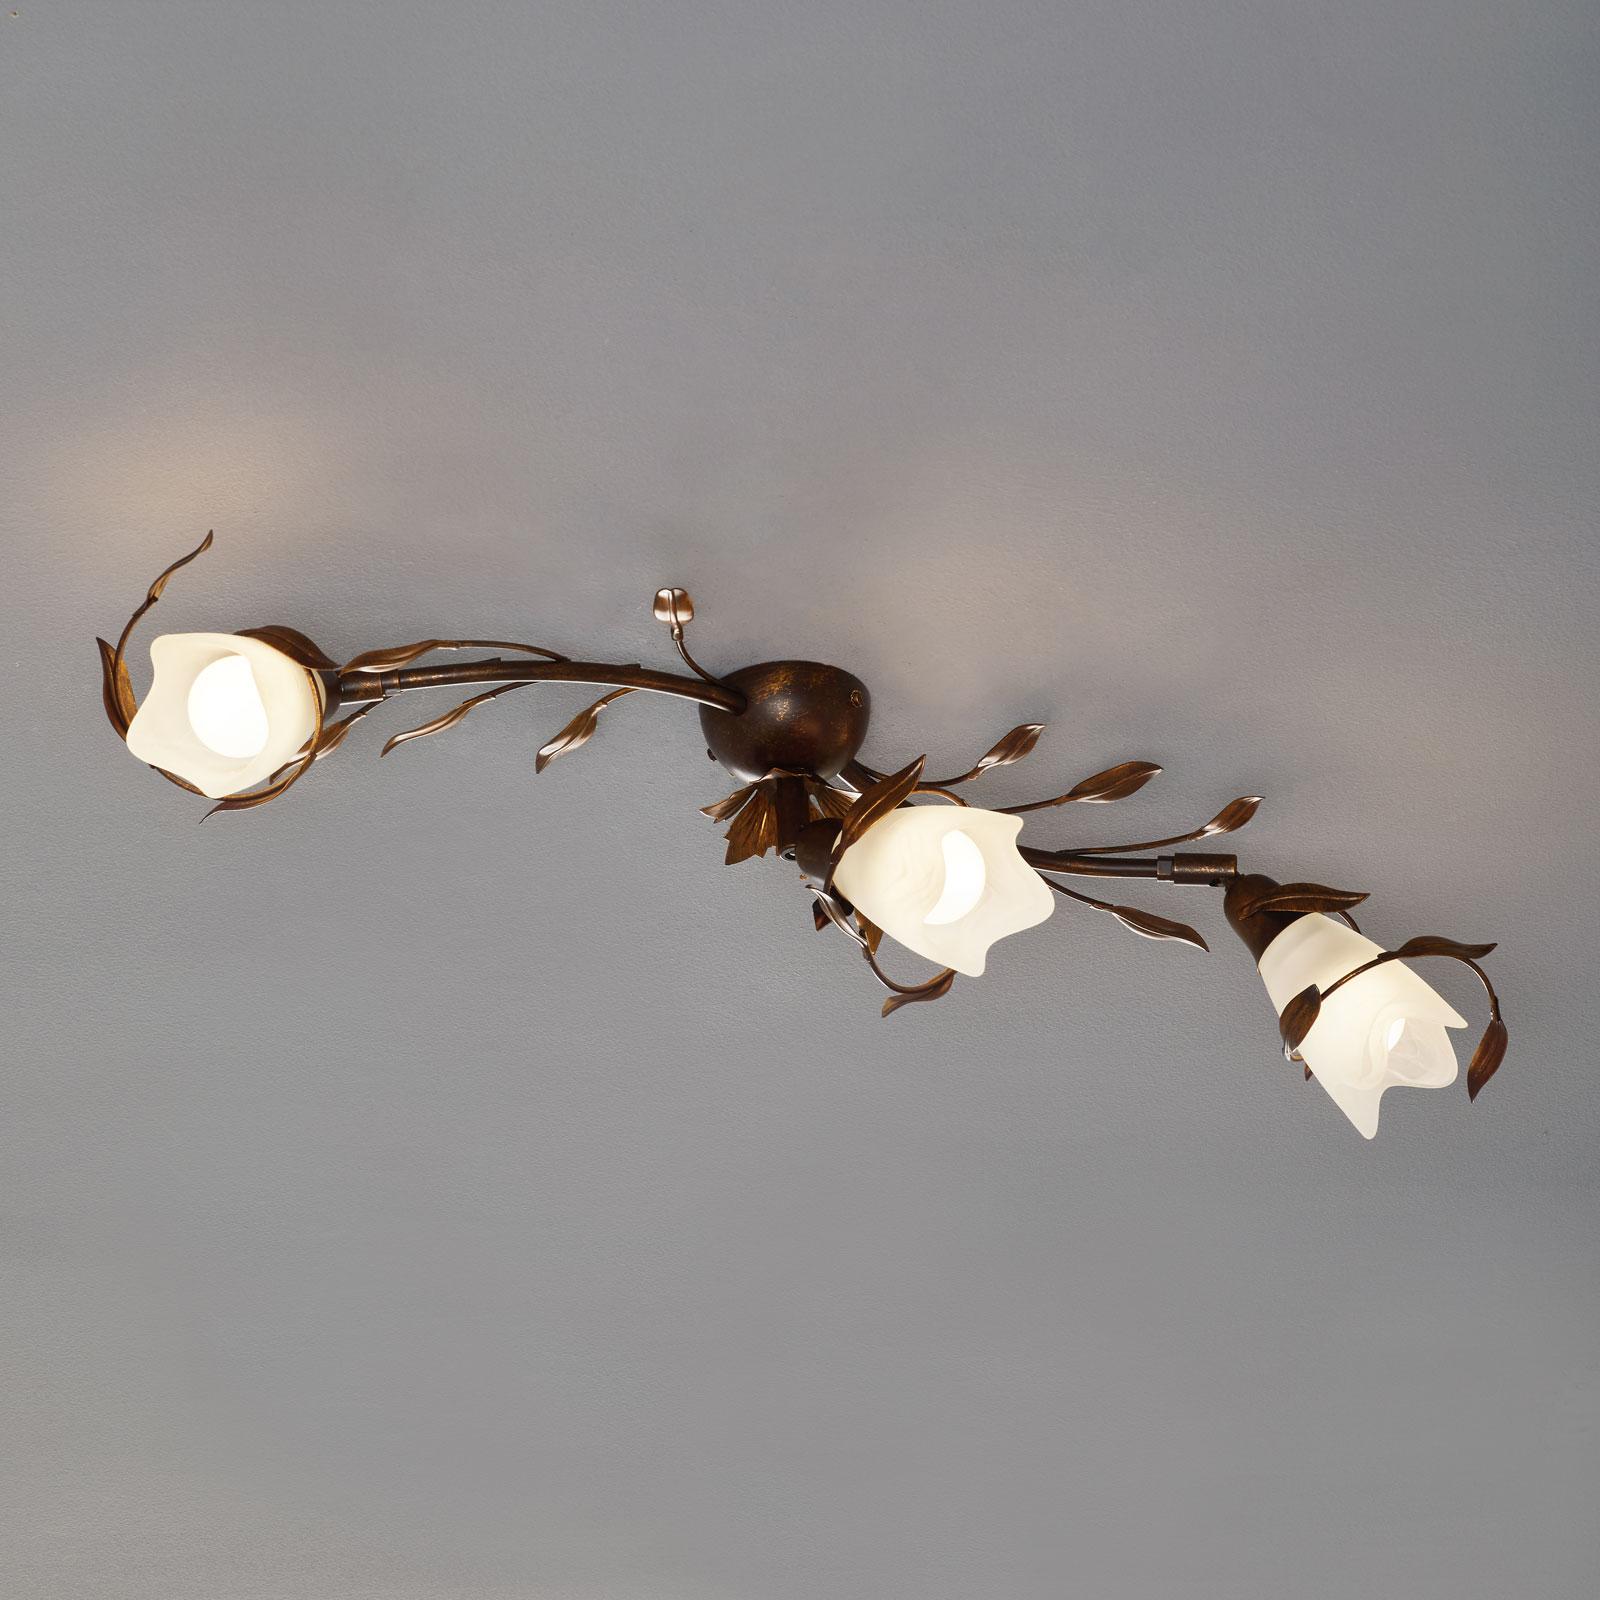 Plafonnier CAMPANA floral à 3 lampes